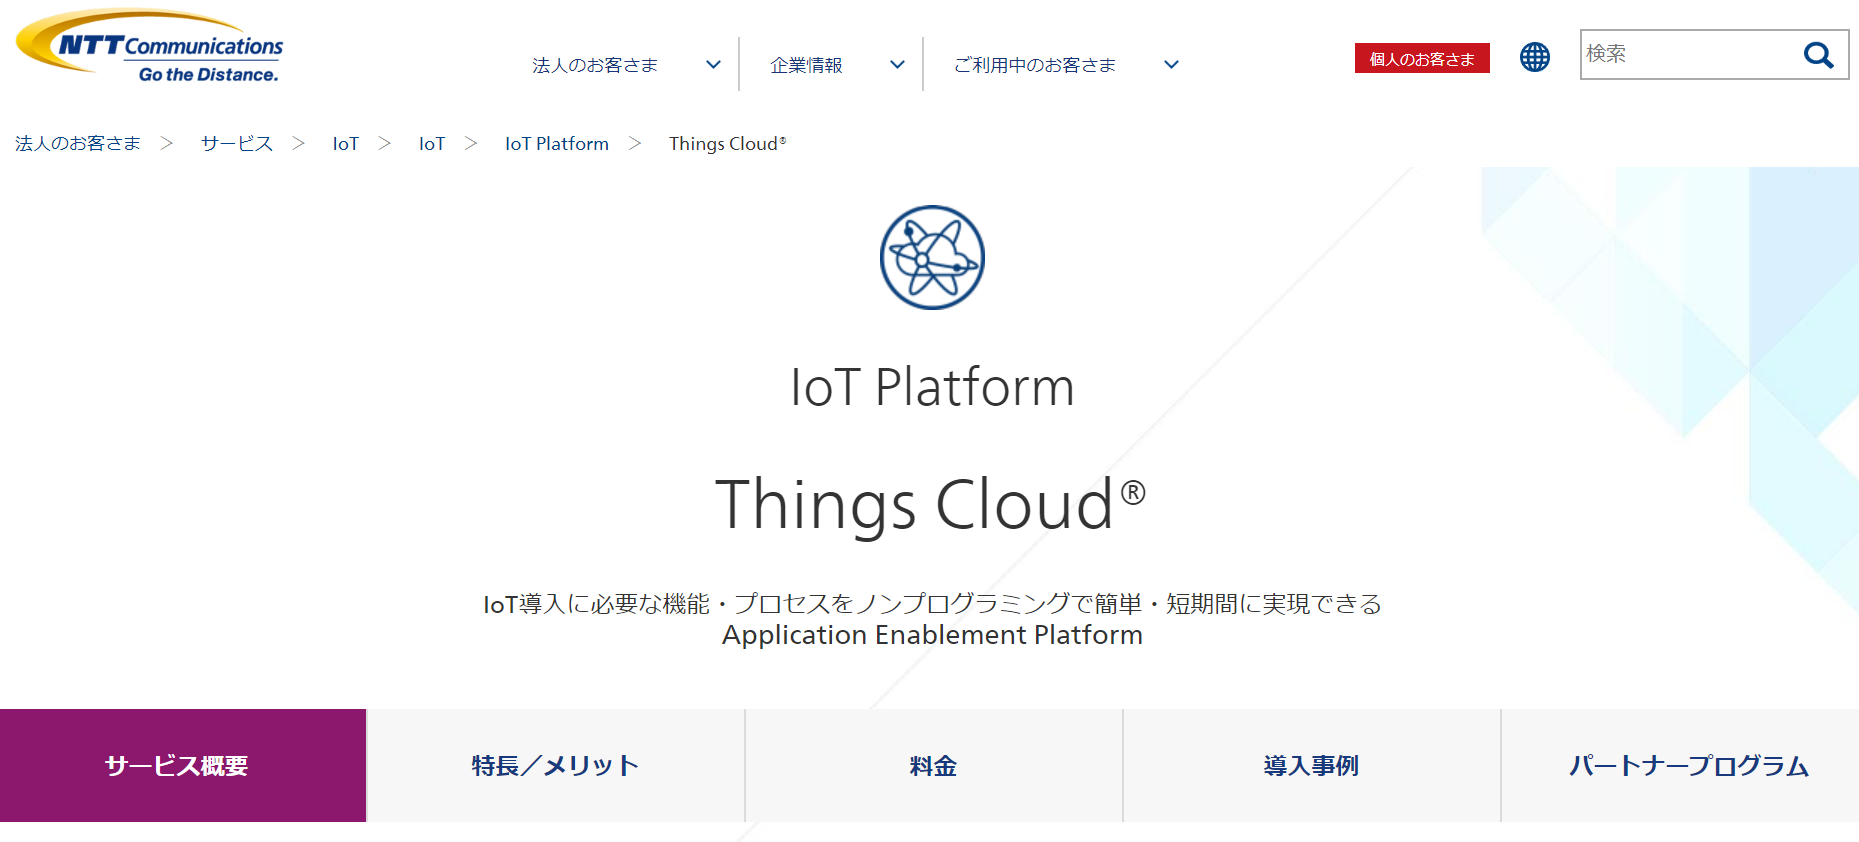 Things Cloud